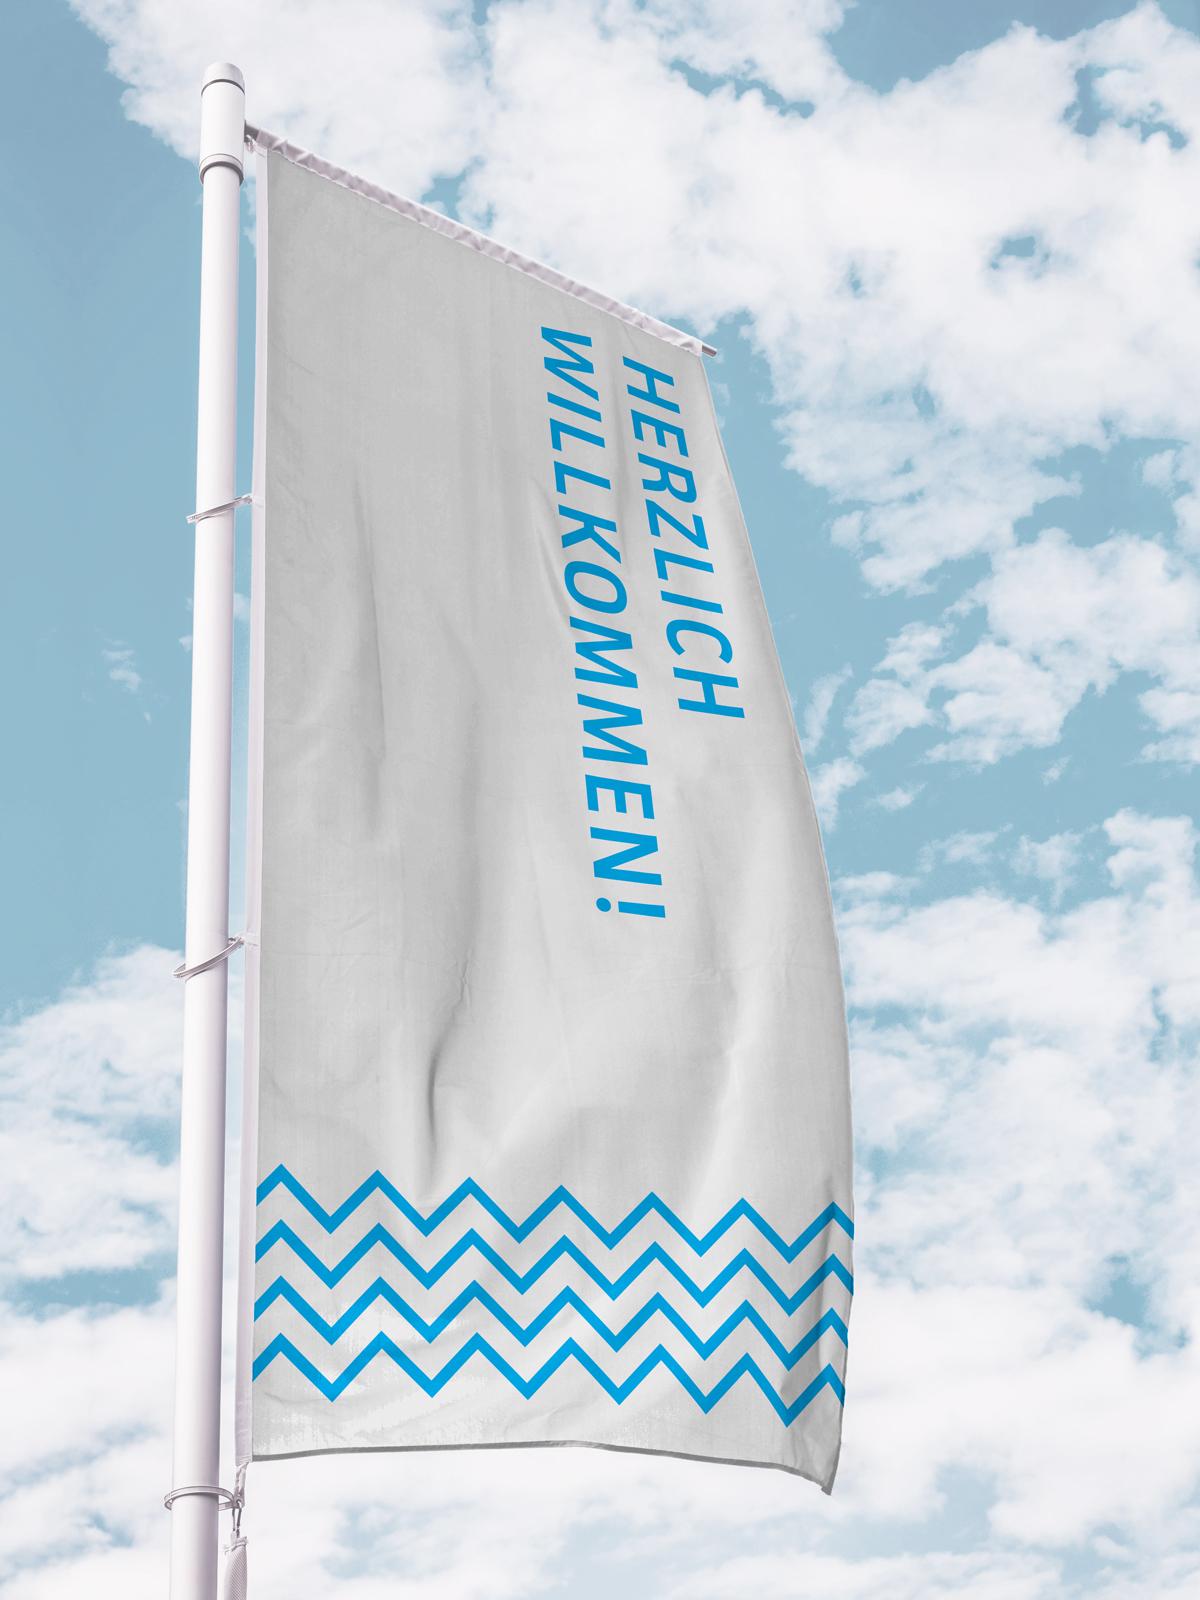 Küstenmuseum Wilhelmshaven Sonderausstellung 150 Jahre Wilhelmshaven wehende weiße Fahne mit blauer Schrift vor blauem Himmel Text Herzlich Willkommen! gekippt am rechten Flaggenrand Unten Bordüre mit blauen Zickzacklinien